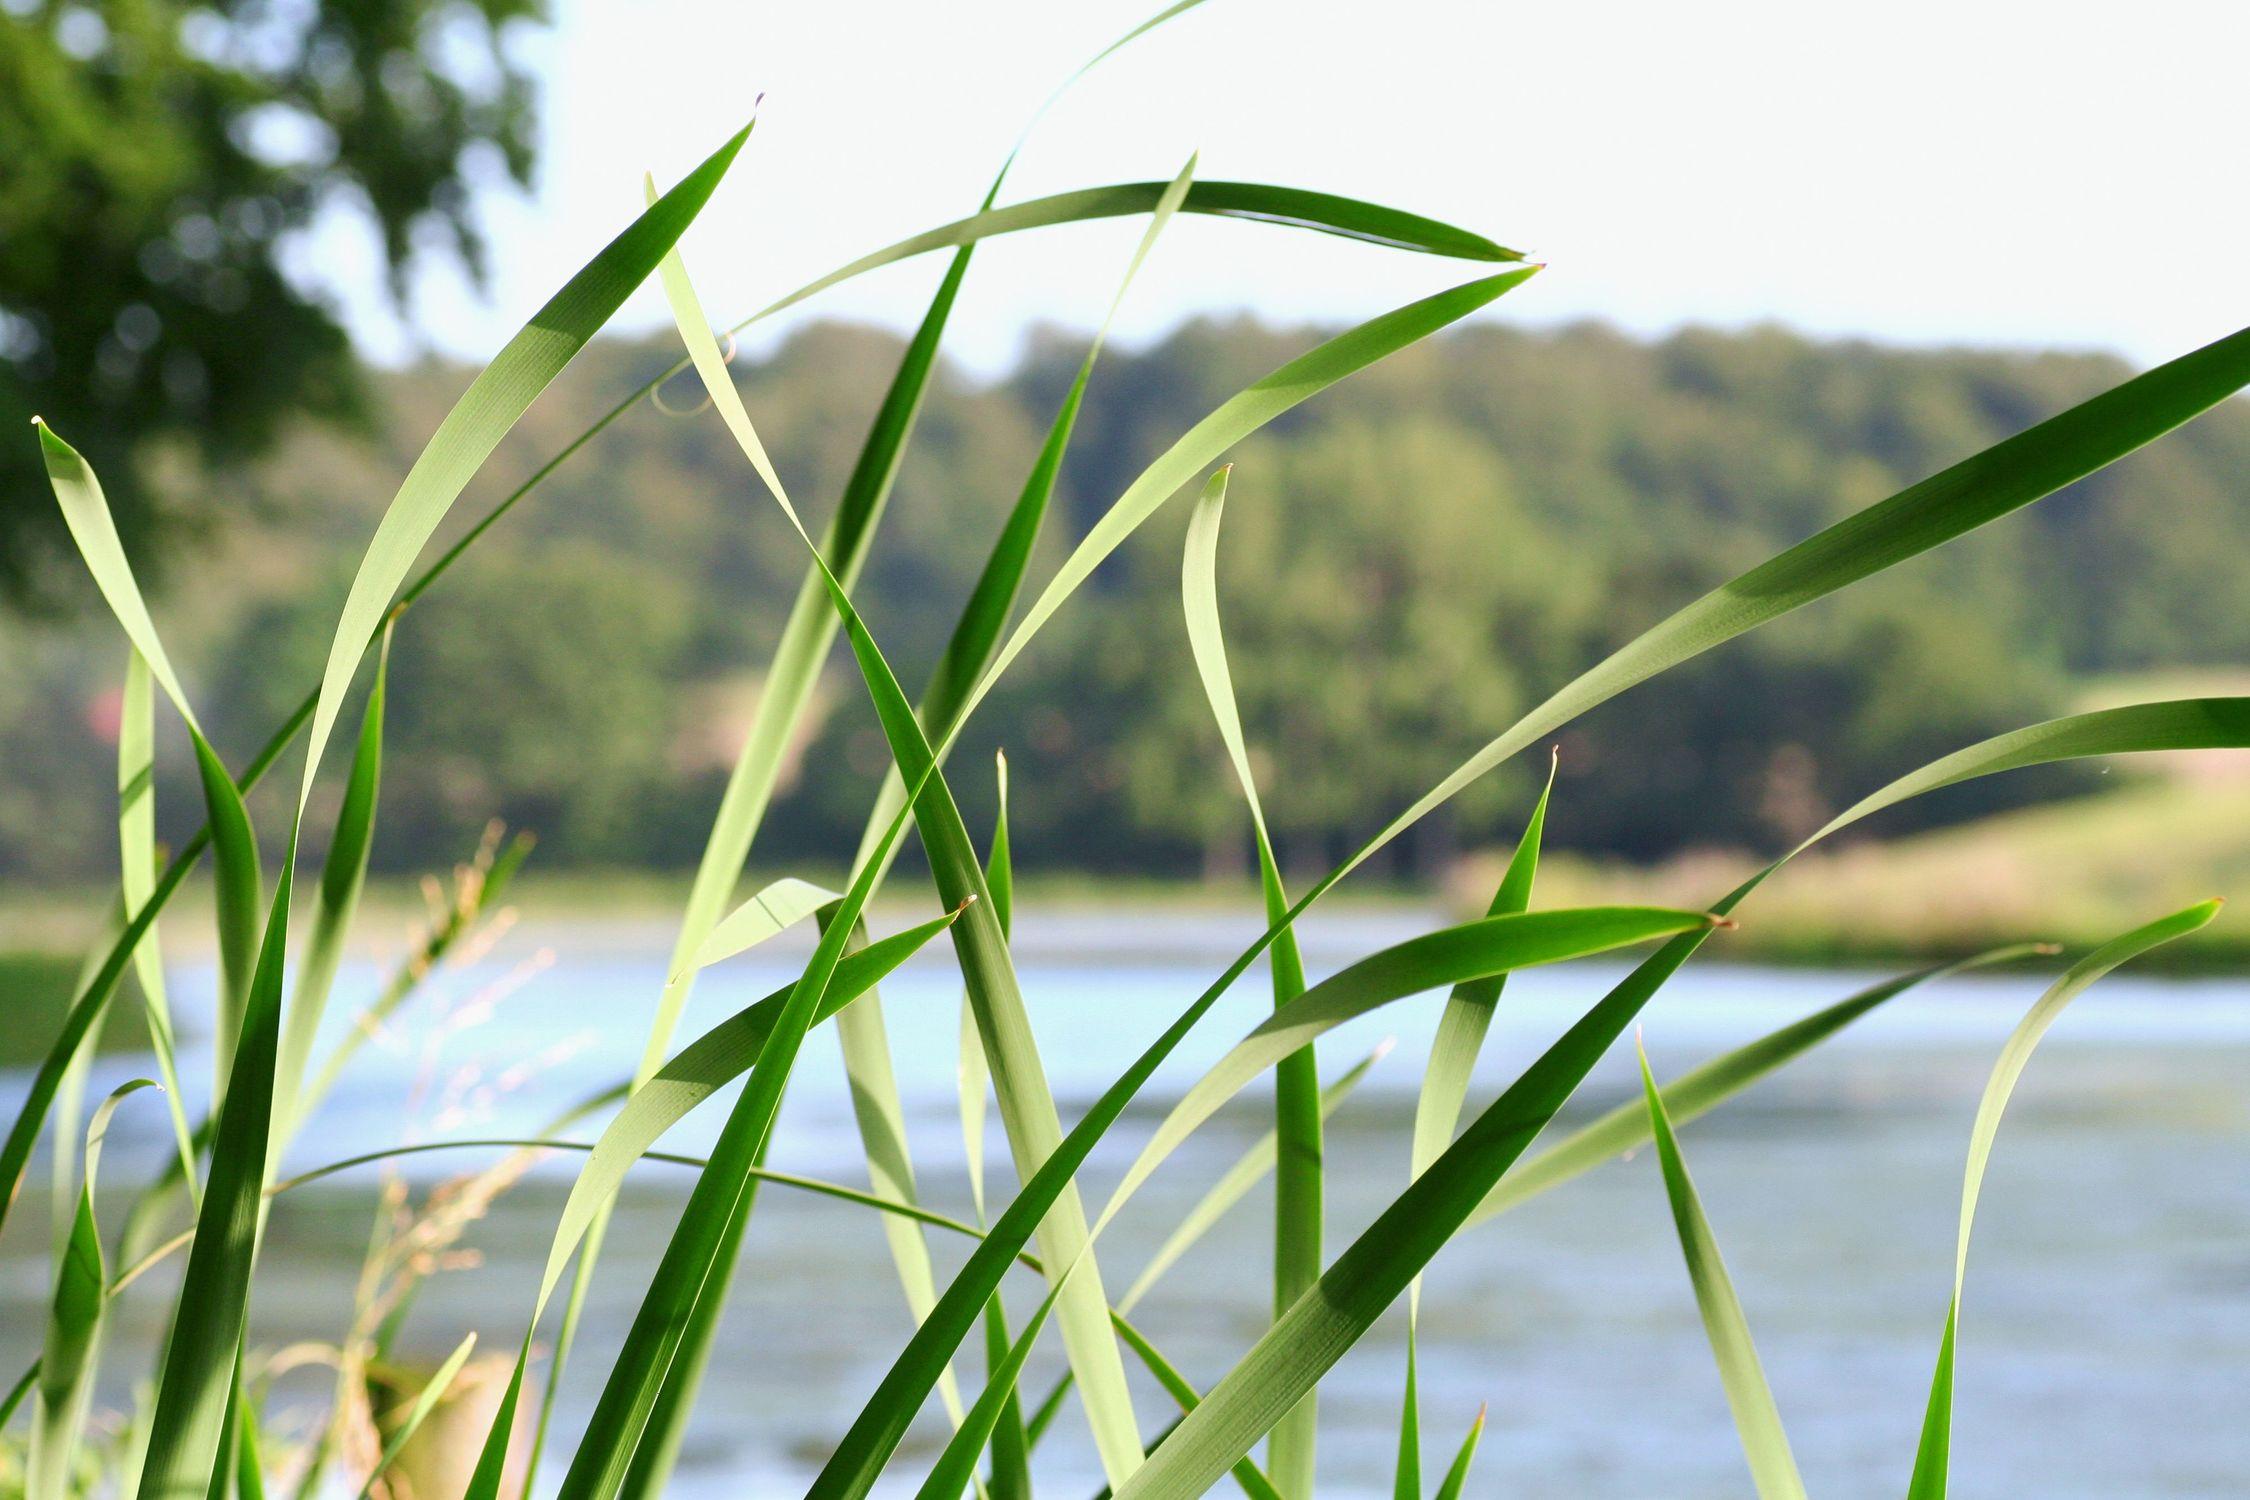 Bild mit Farben, Natur, Elemente, Wasser, Grün, Pflanzen, Gräser, Blumen, Schilf